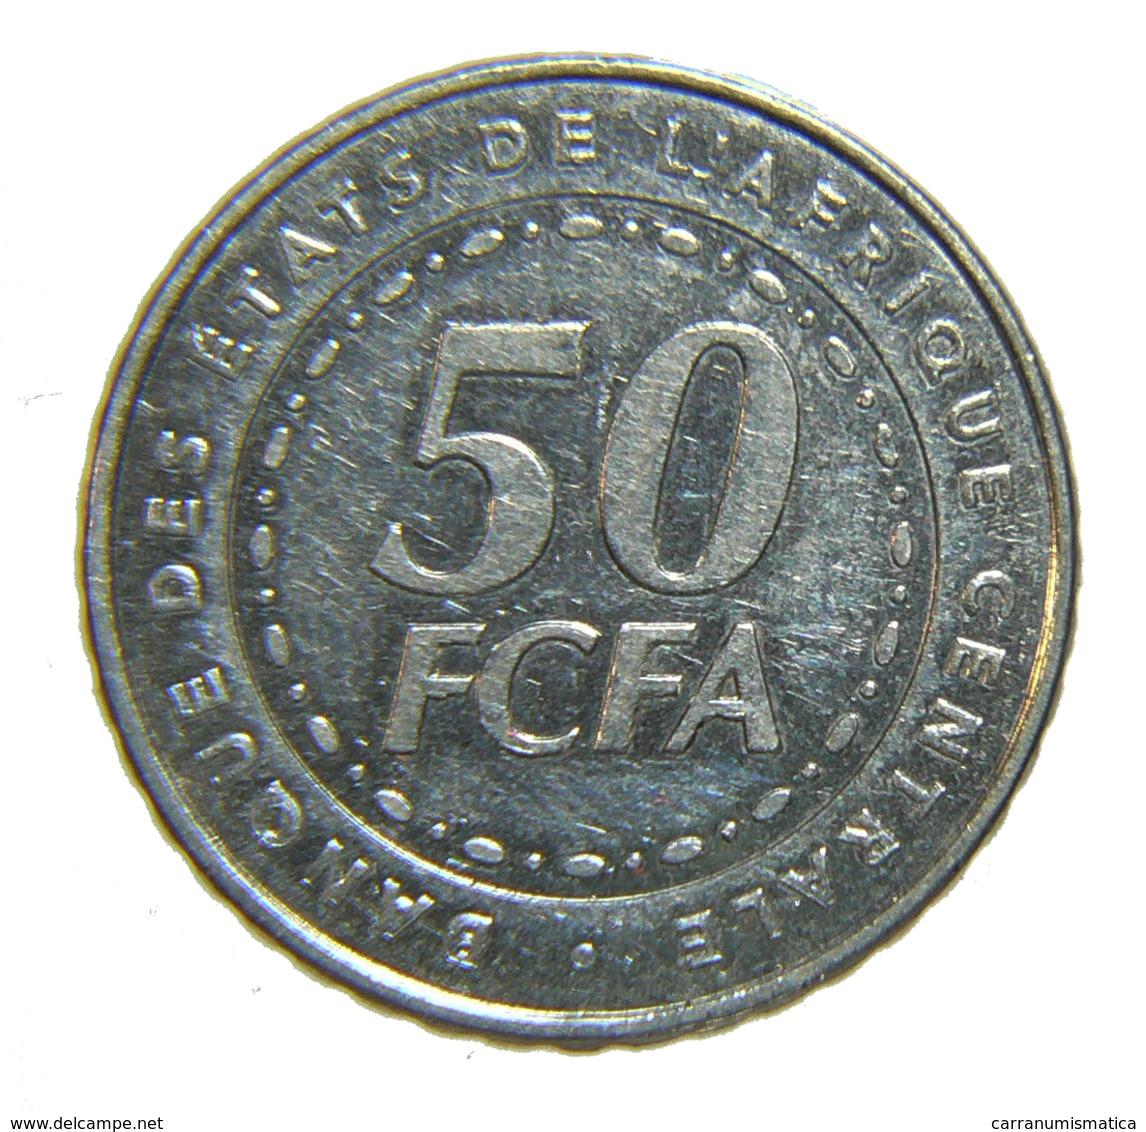 [NC] REPUBBLICA CENTROAFRICANA - 50 FRANCHI 2006 - Repubblica Centroafricana